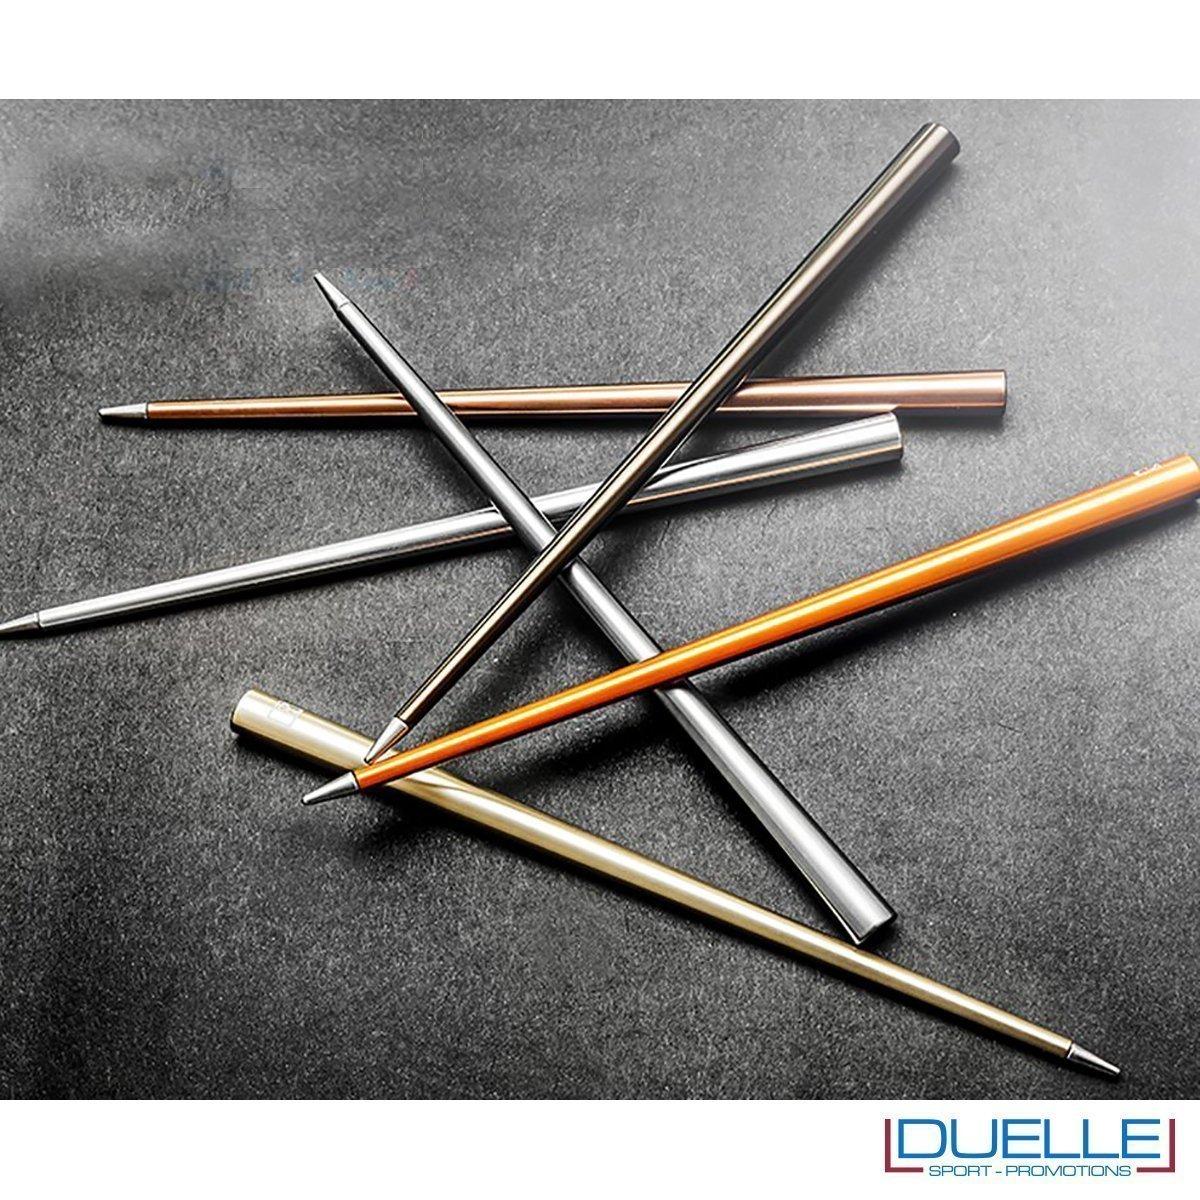 matita infinita personalizzata con incisione laser, colori 2017 matite infinite promozionali, 4EVER personalizzate foto d'insieme